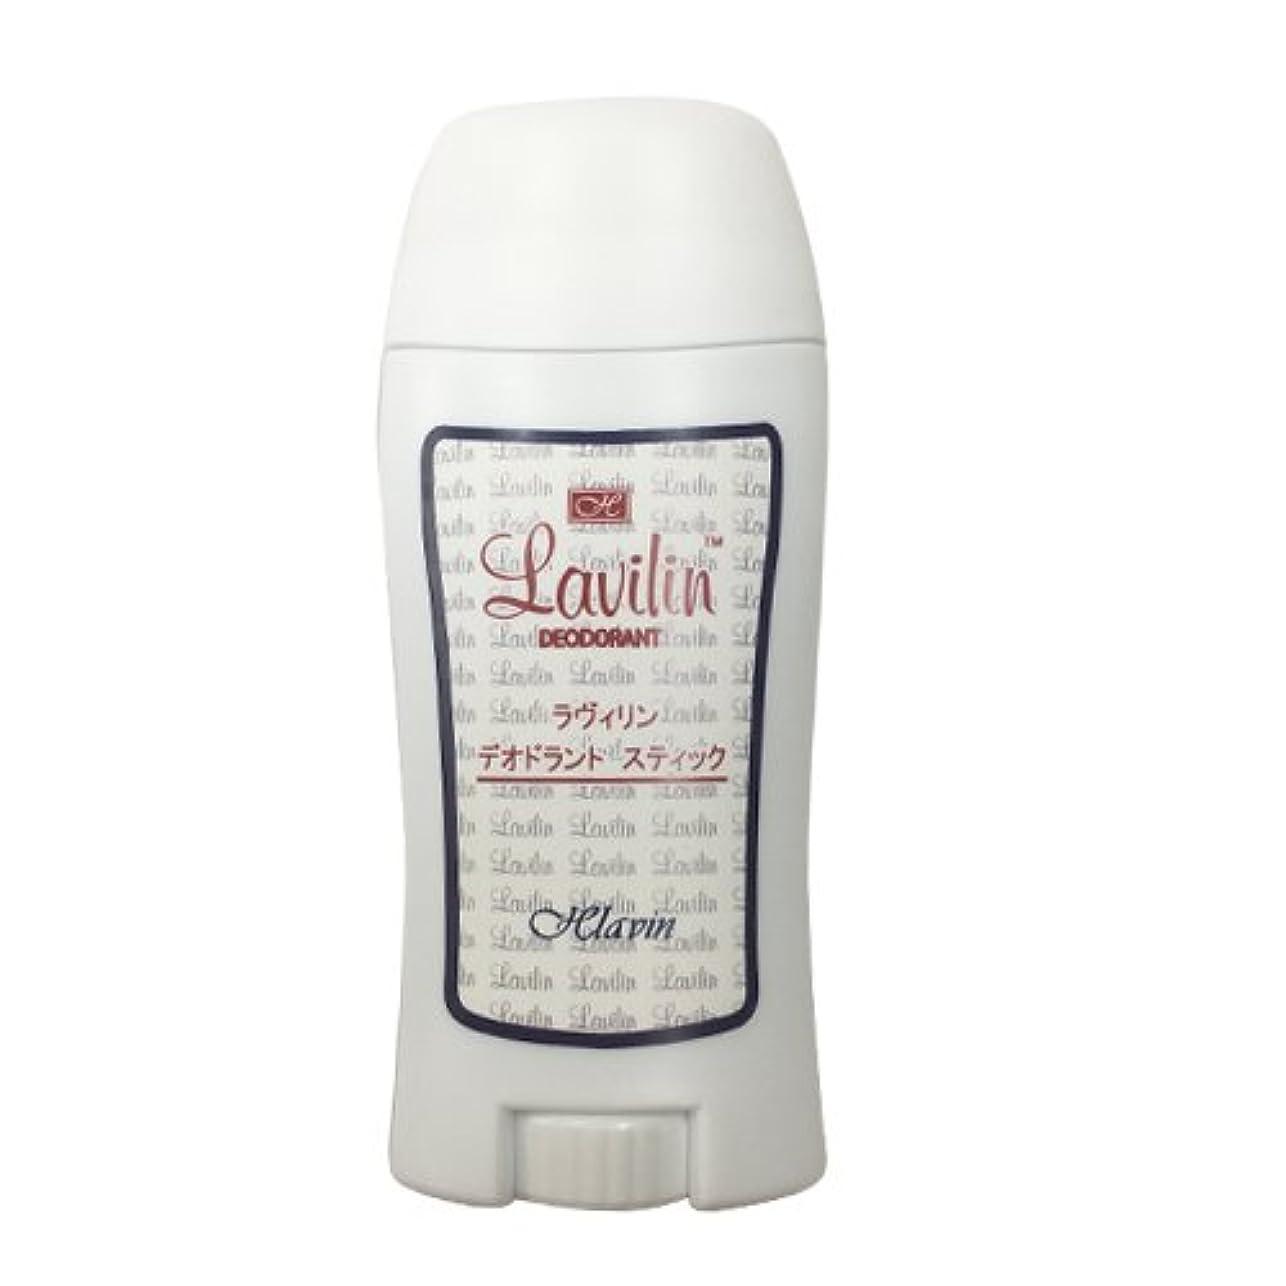 リレー後退する目的ラヴィリン デオドラント スティック (Lavilin deodorant stick) 60ml